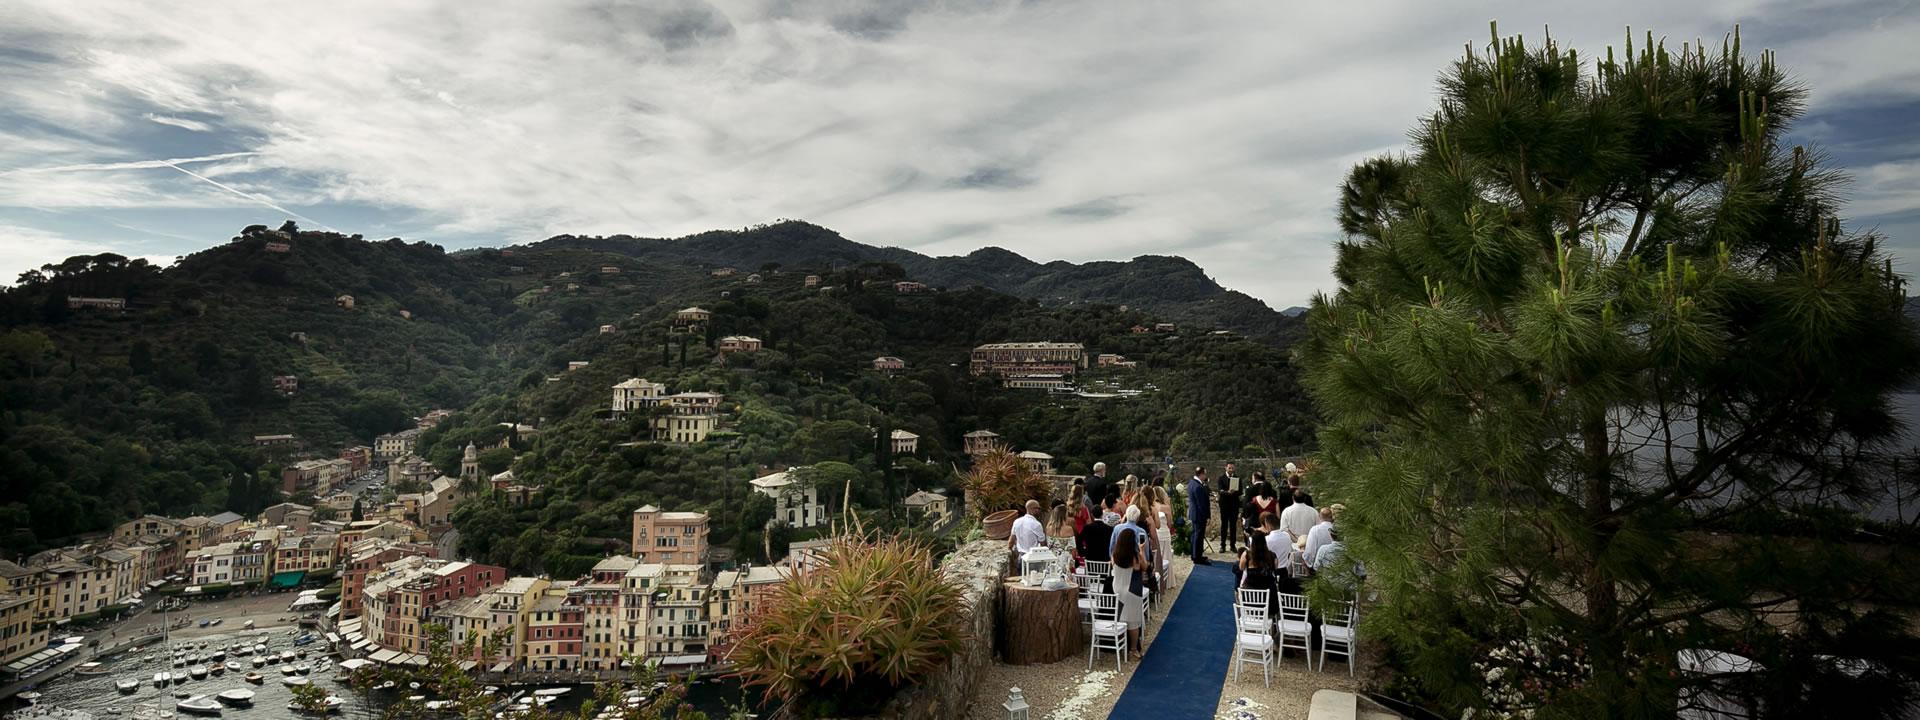 same-sex-love-in-portofino-david-bastianoni-photographer-00021 - 21 :: Wedding in Portofino // WPPI 2018 // The man that I love :: Luxury wedding photography - 20 :: same-sex-love-in-portofino-david-bastianoni-photographer-00021 - 21